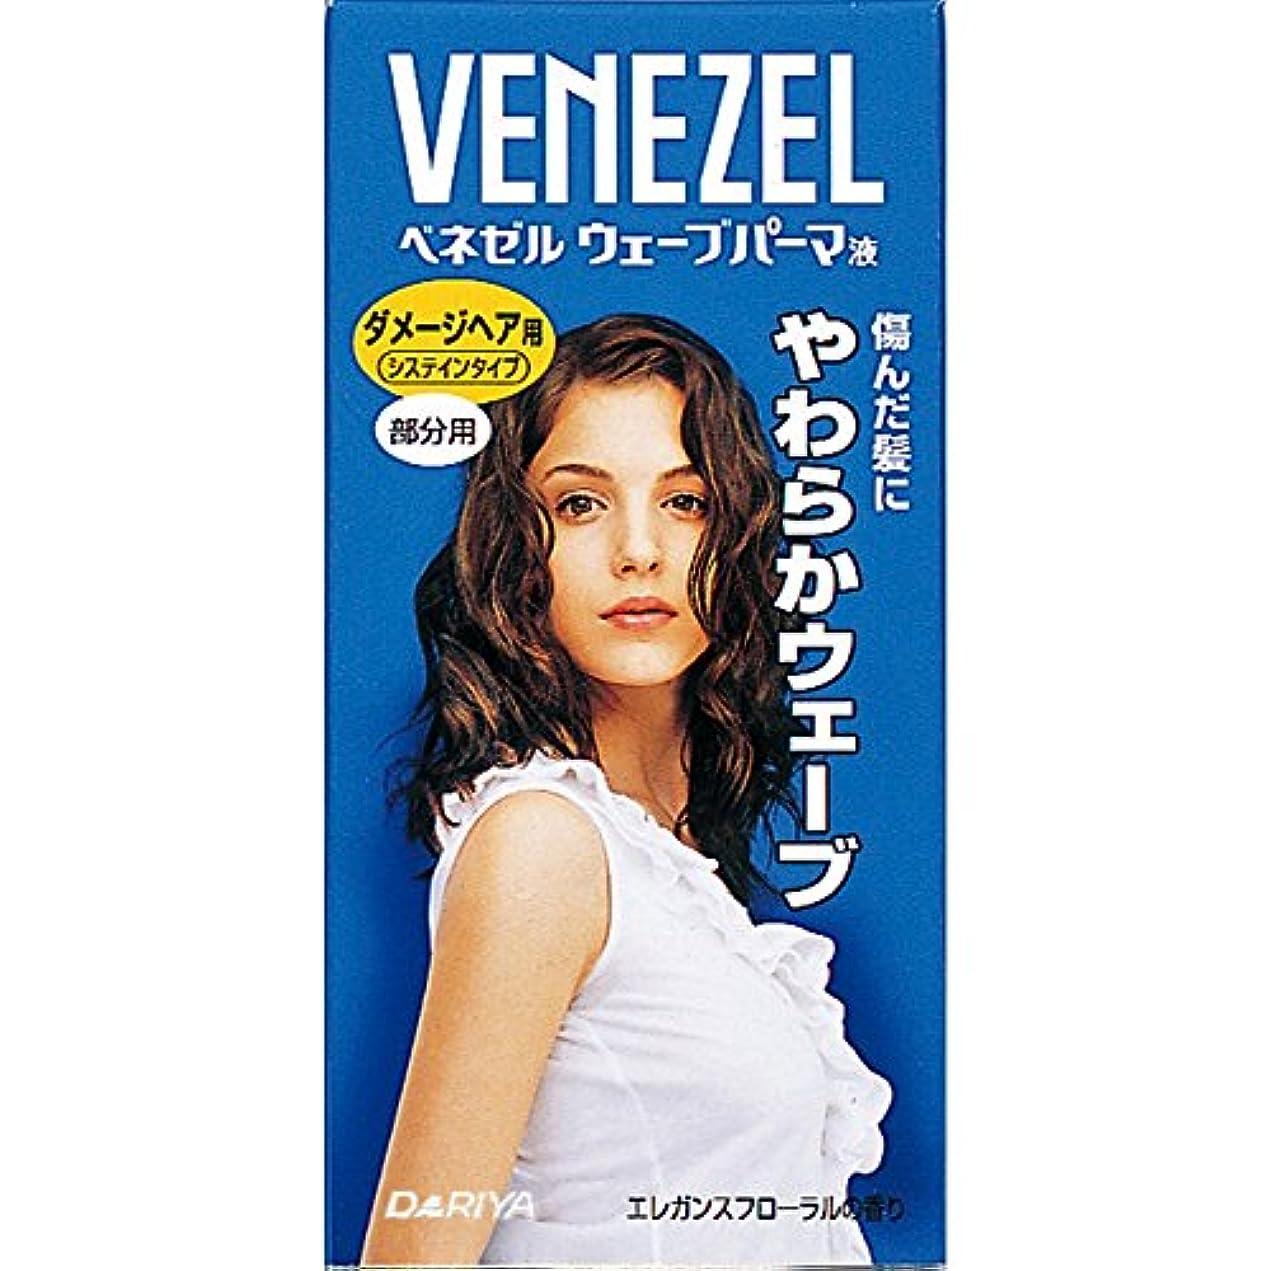 ミスペンドマチュピチュ肥満ベネゼル ウェーブパーマ液 ダメージヘア用 部分用【HTRC5.1】